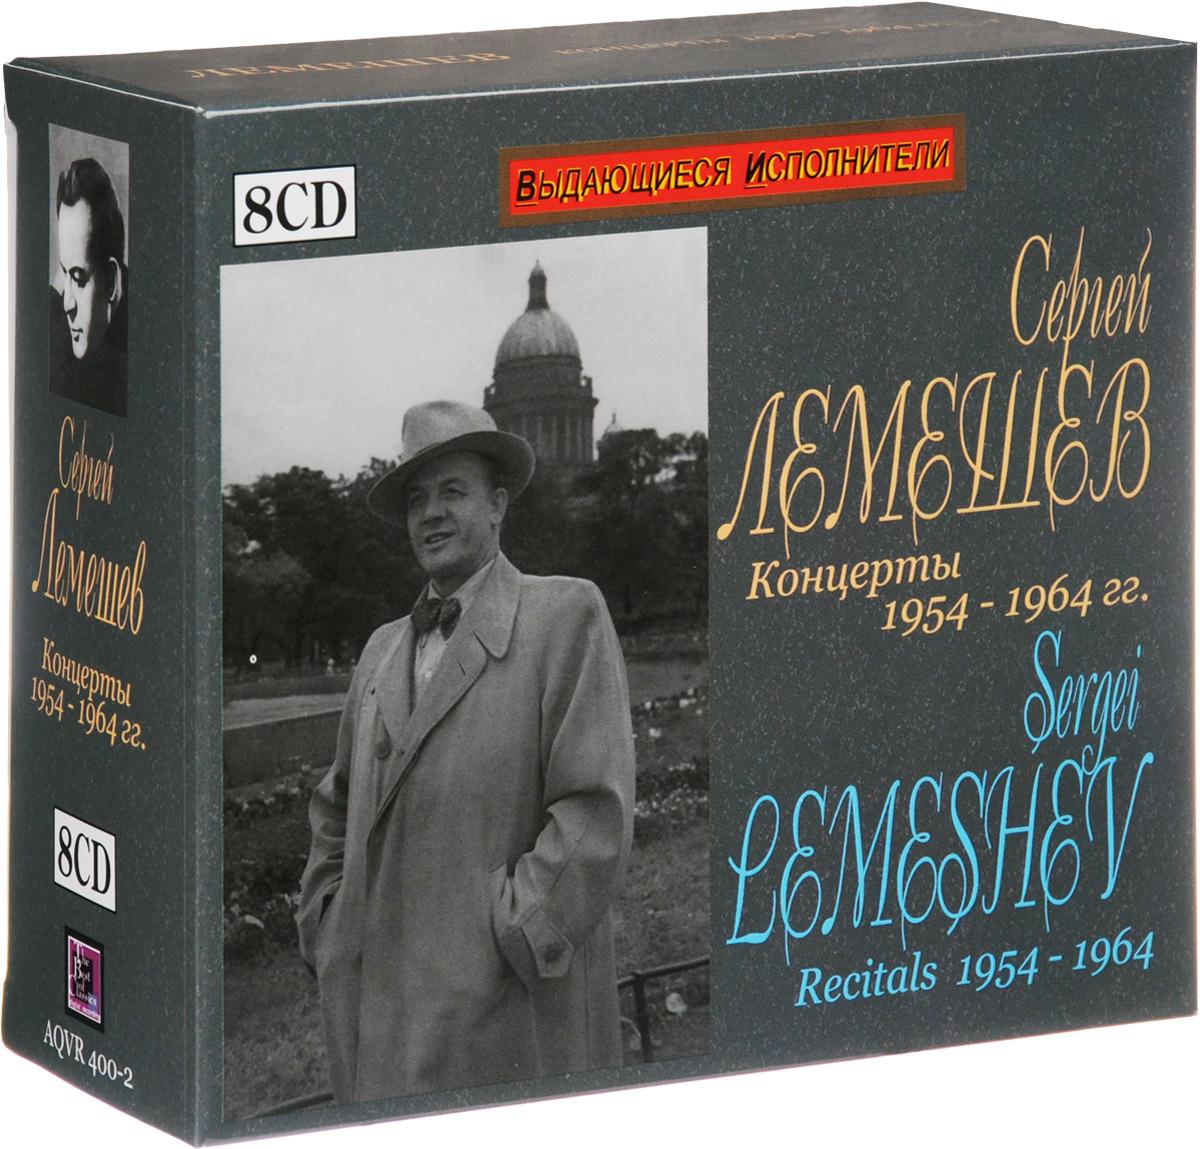 Сергей Лемешев. Концерты 1954-1964 гг. (8 CD) 2016 8 Audio CD